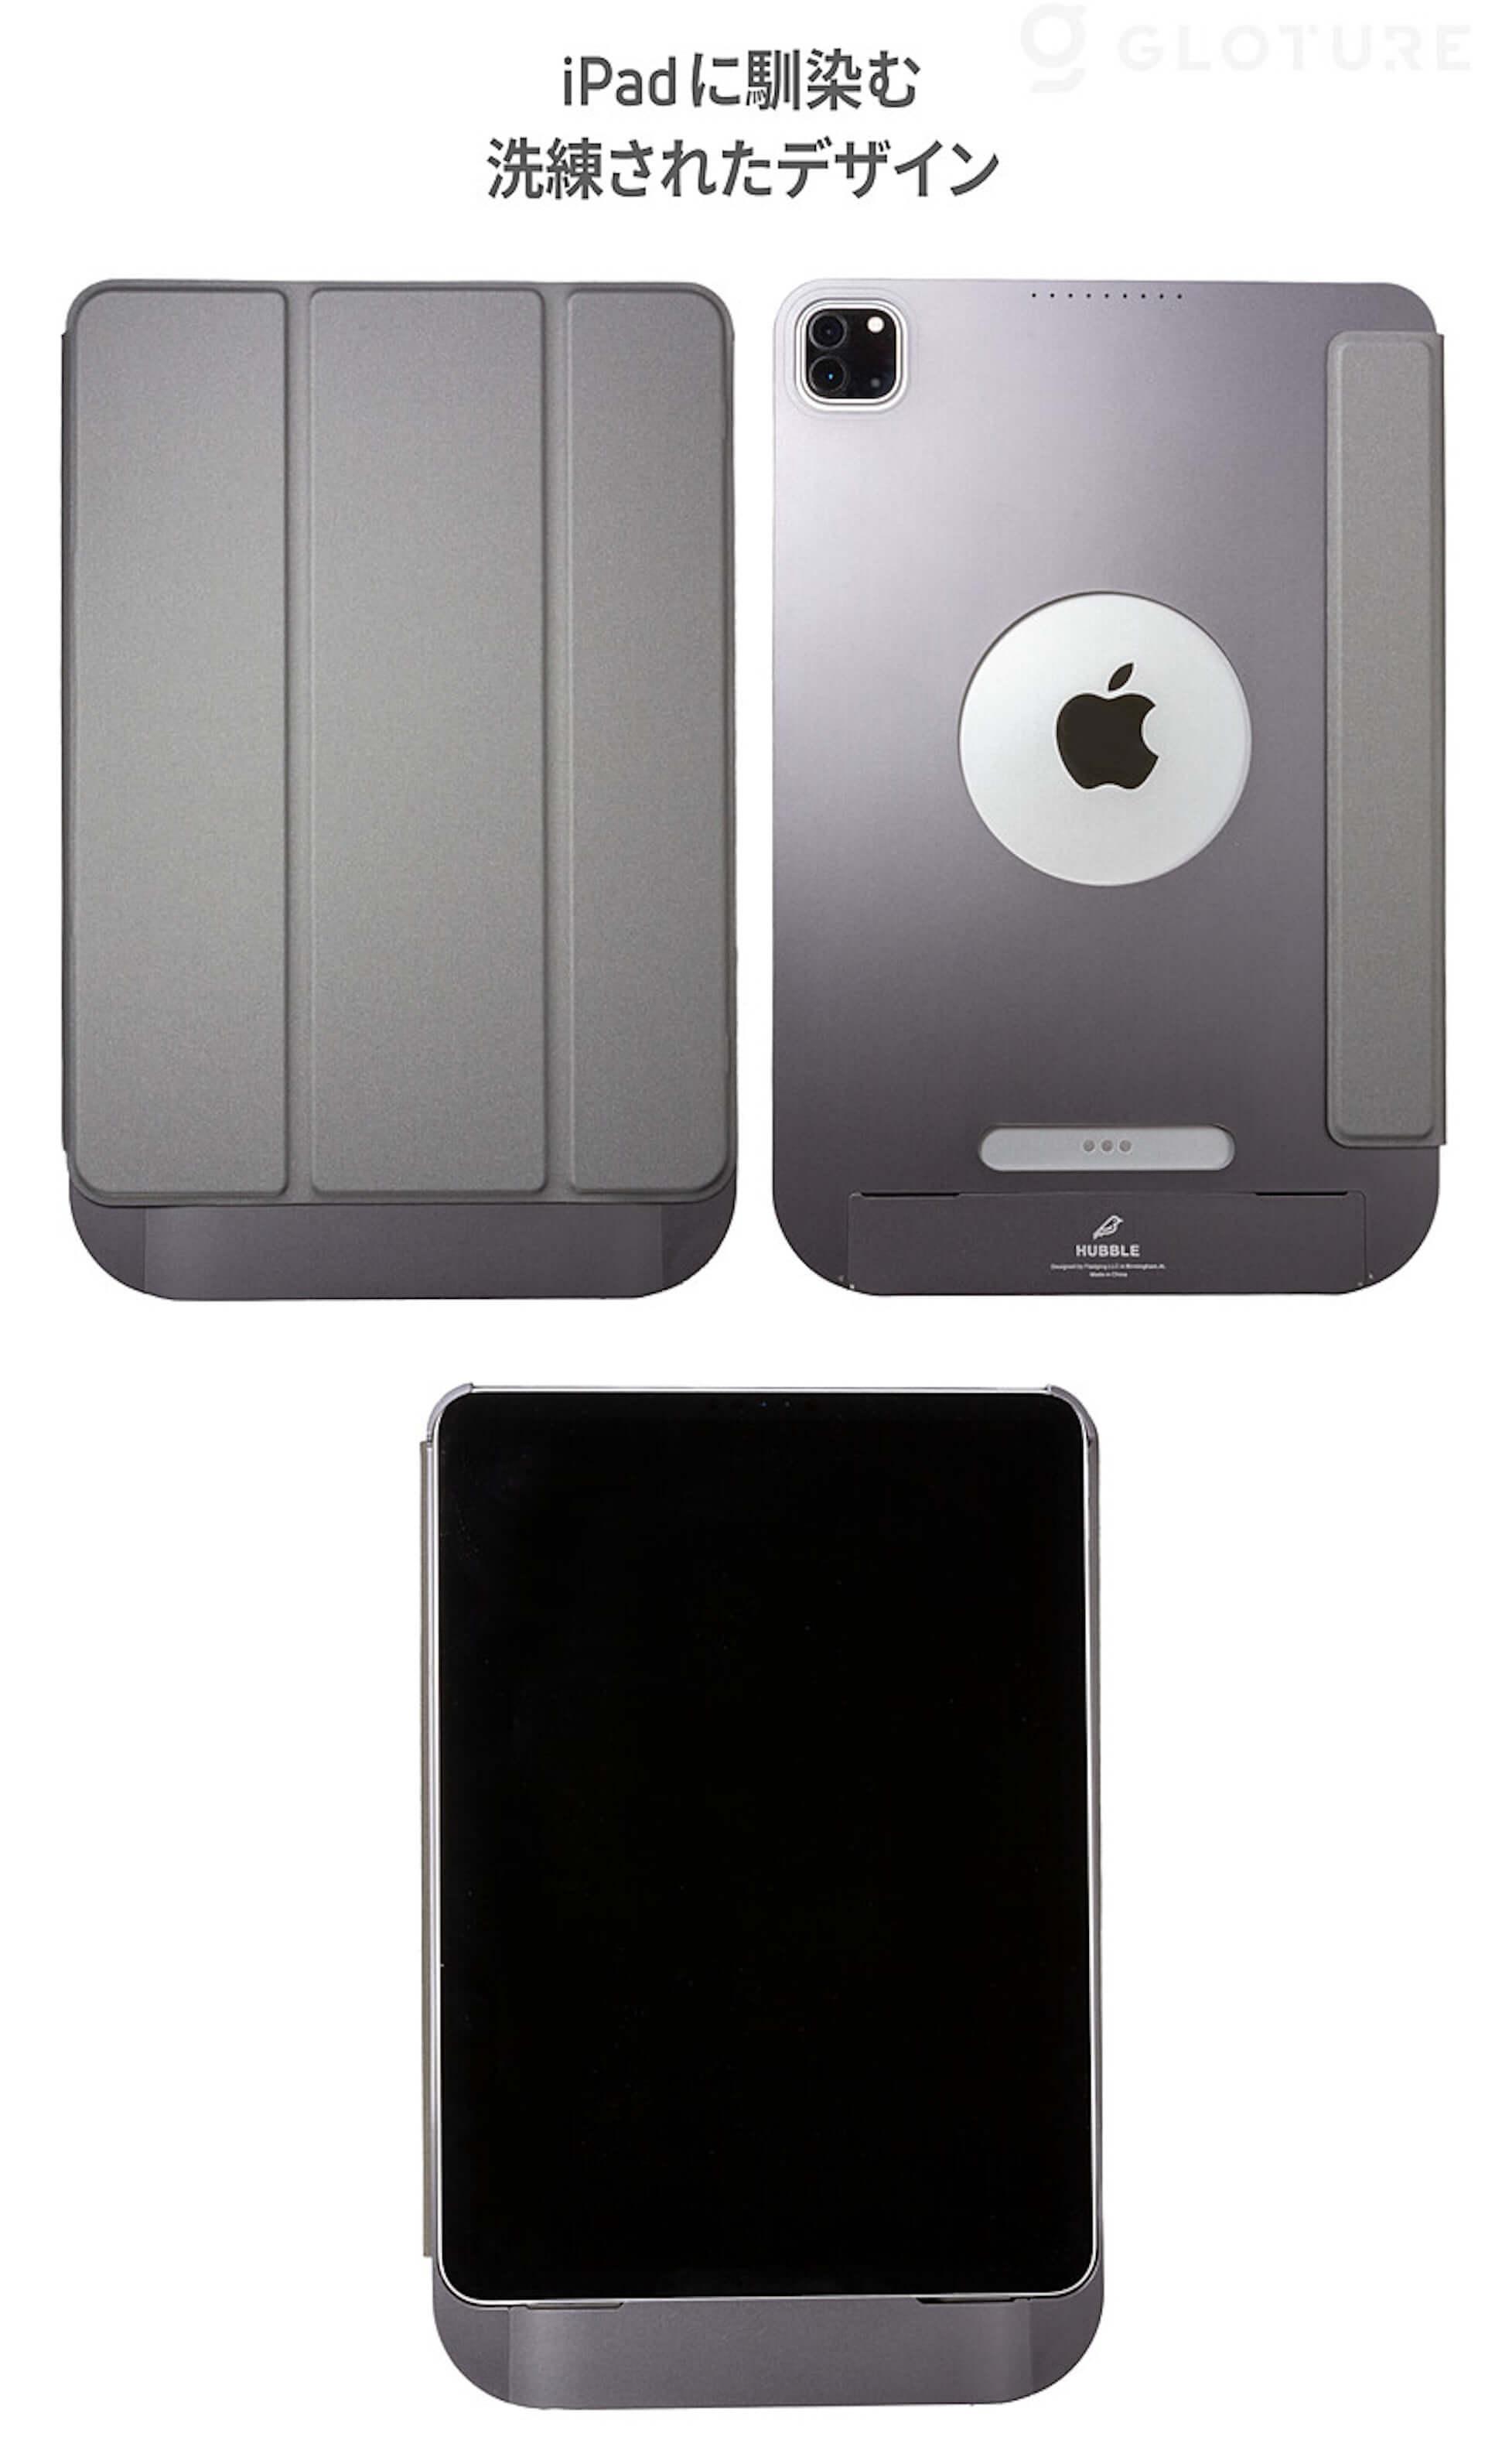 iPad Proの機能を強化できるハイエンドケース『FLEDGING HUBBLE』がGLOTURE.JPに登場!HDMIなど6つの拡張ポートを搭載 tech210323_gloture_6-1920x3185